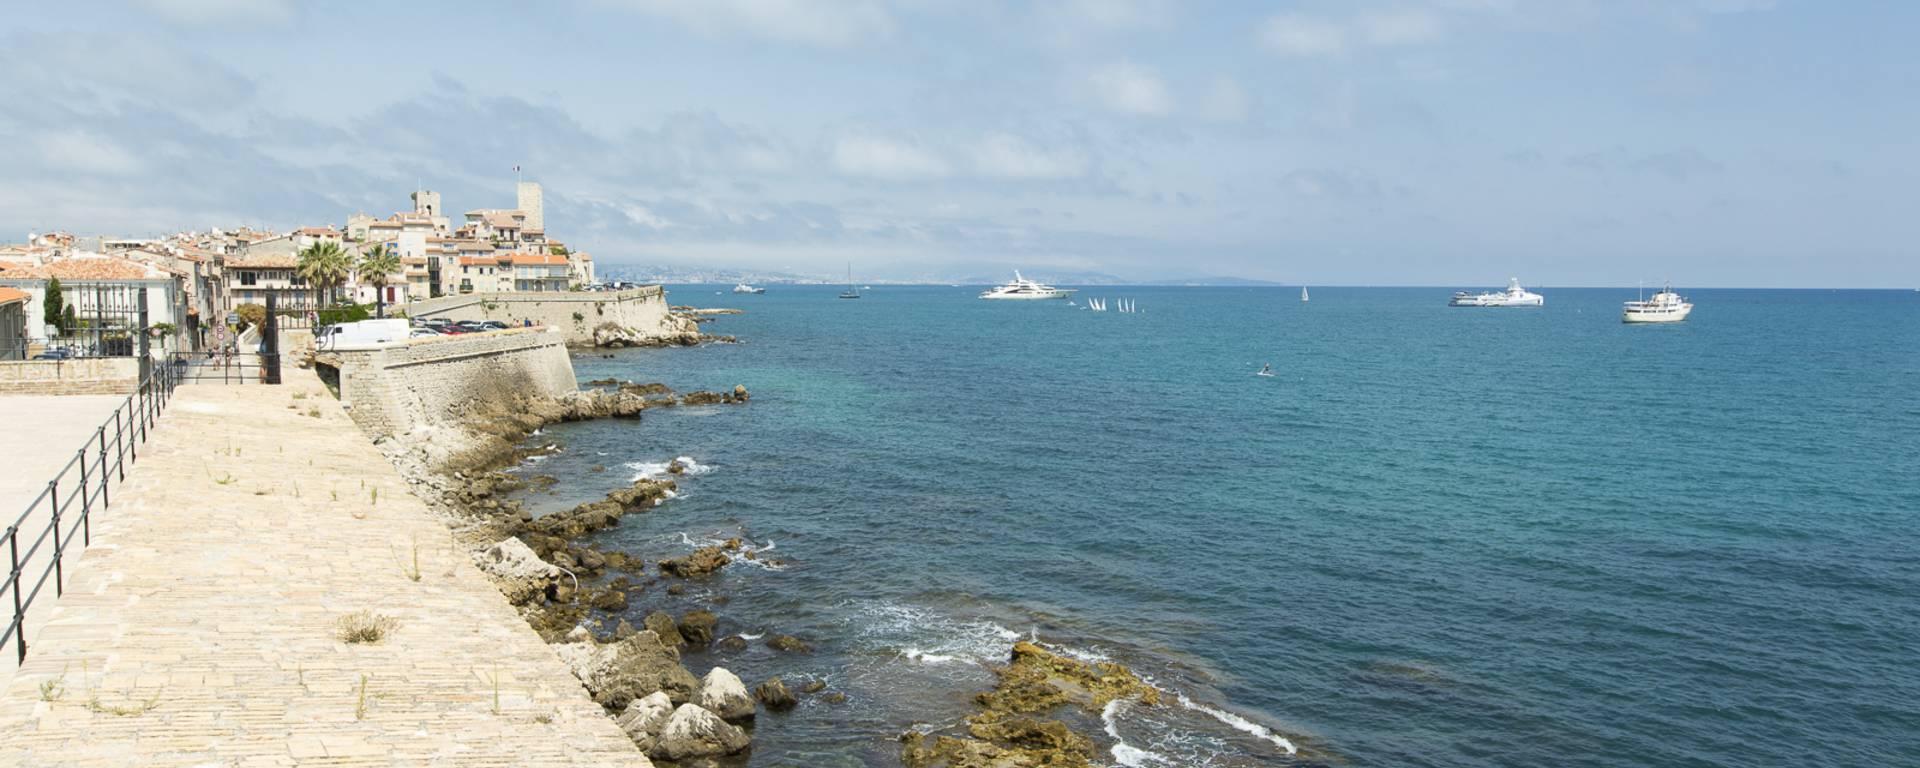 Antibes, rempart walls ©Gilles Lefrancq